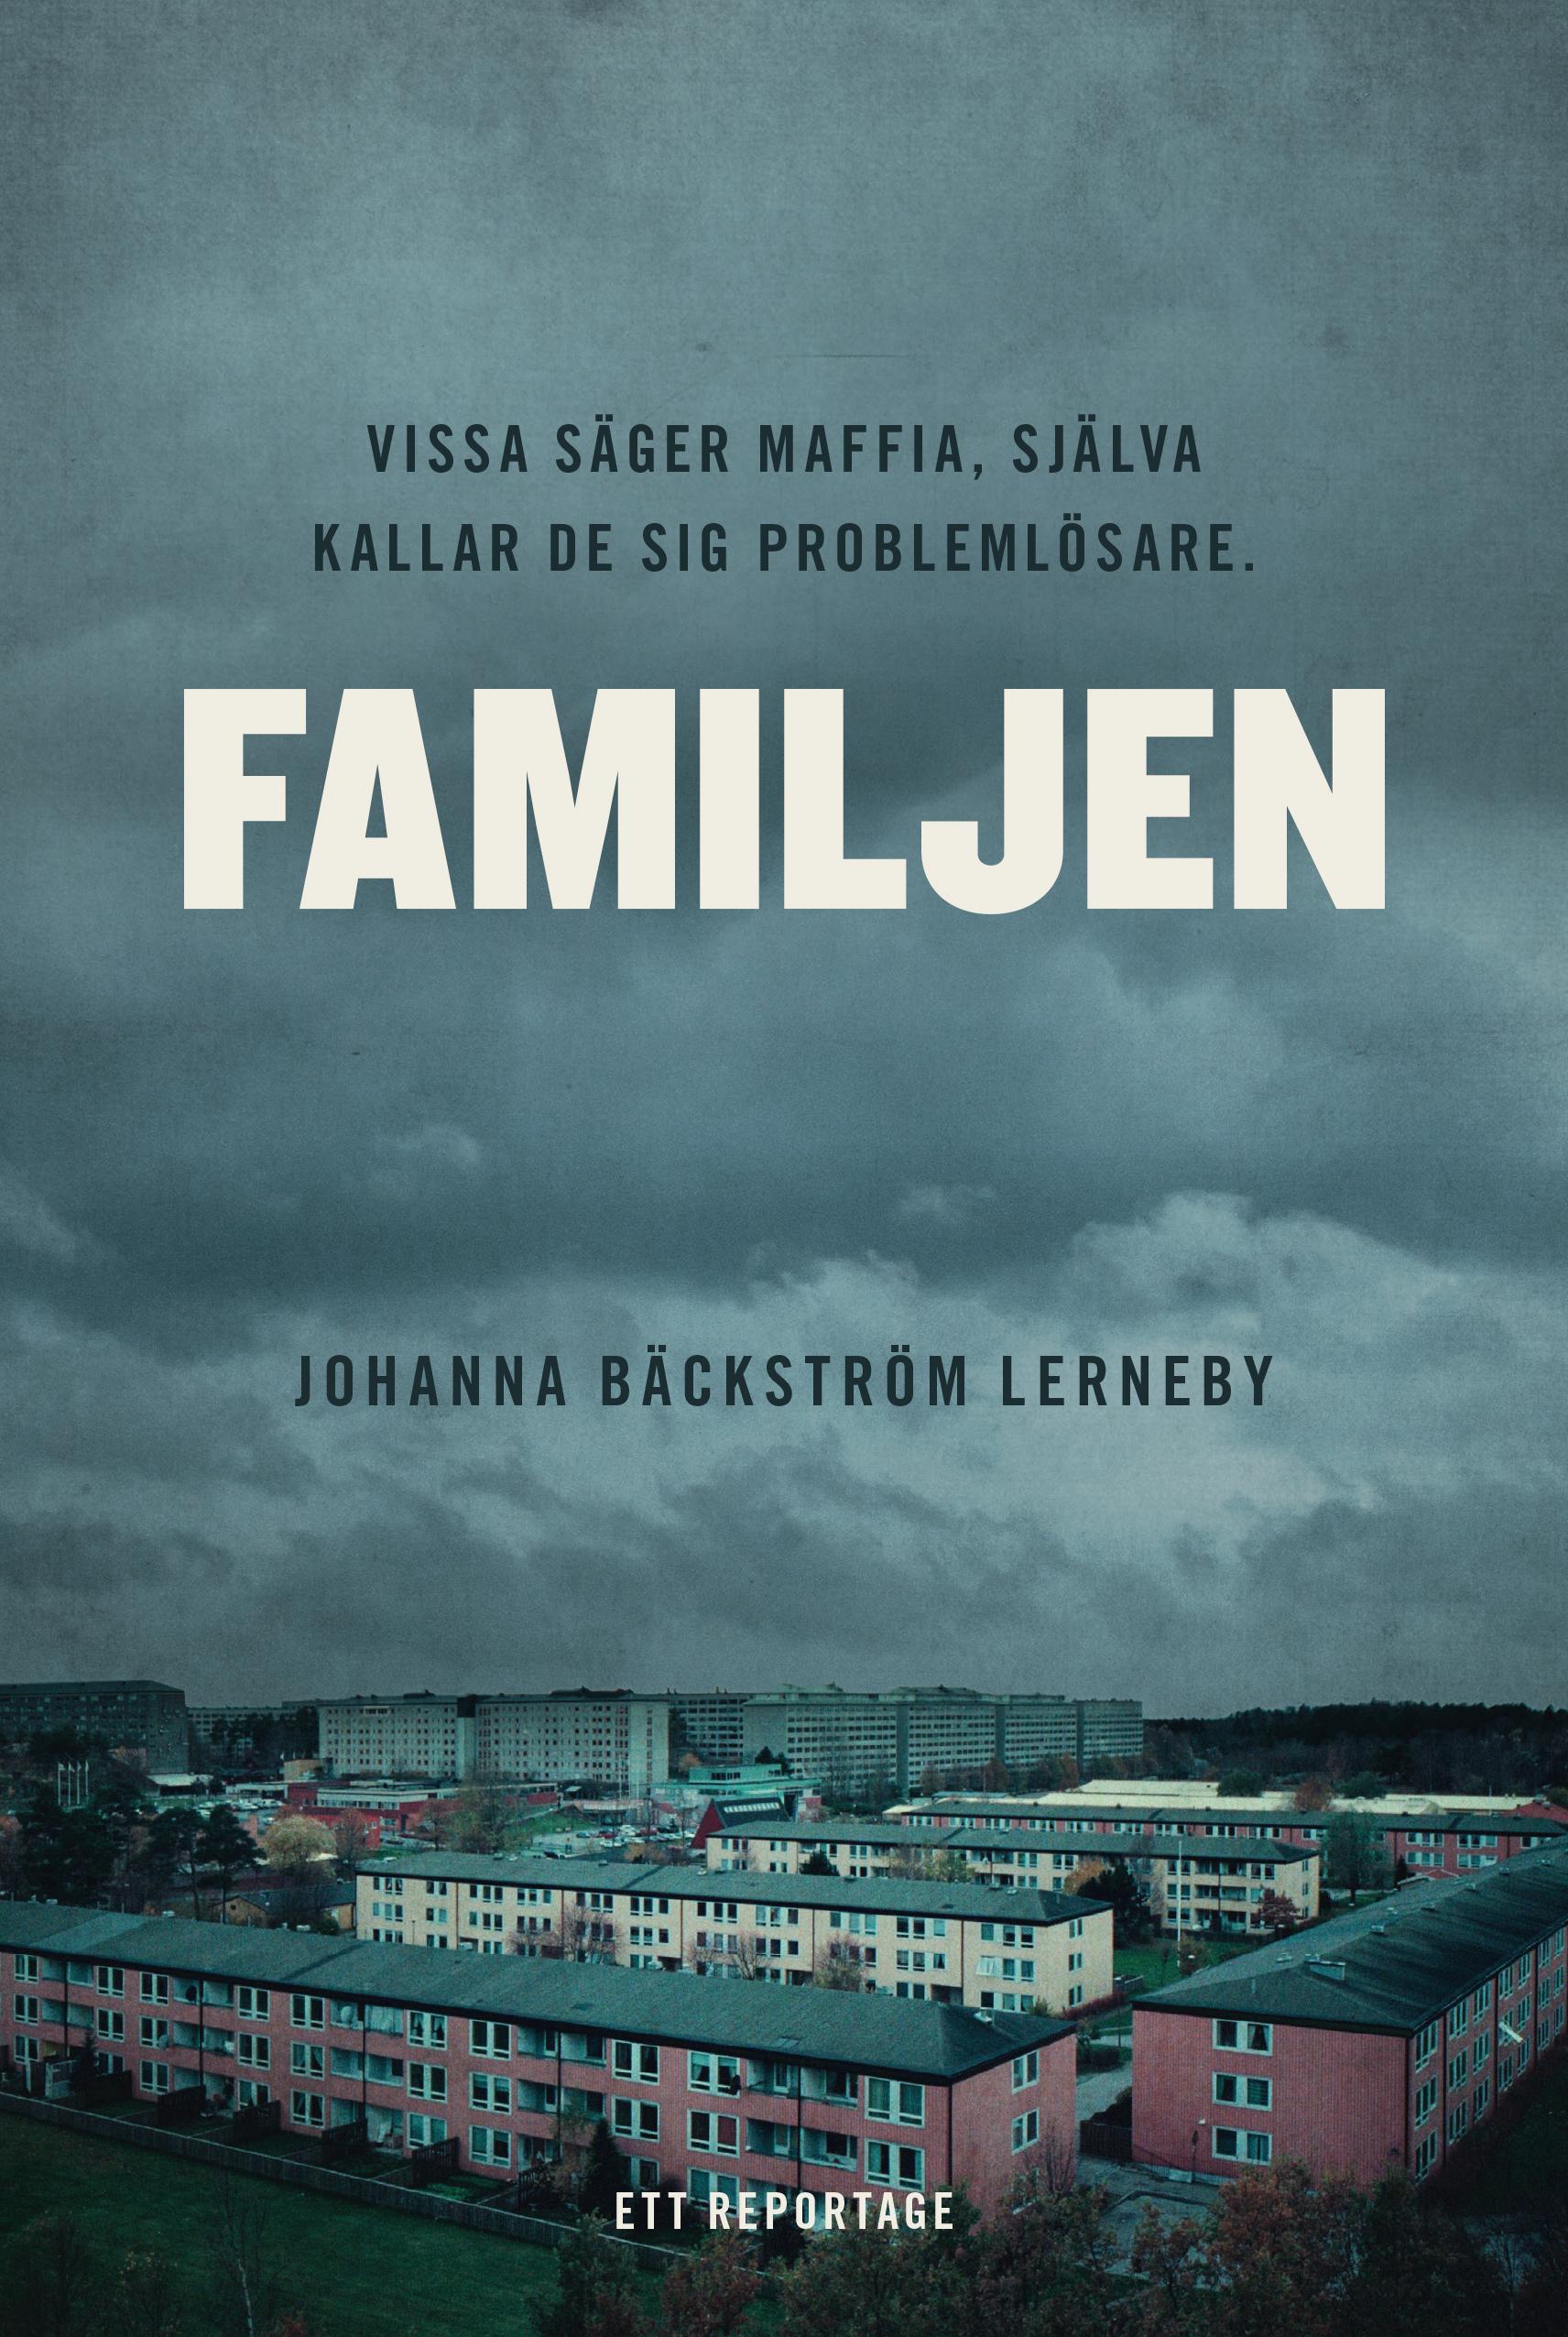 Johanna Bäckström Lernebys Familjen.